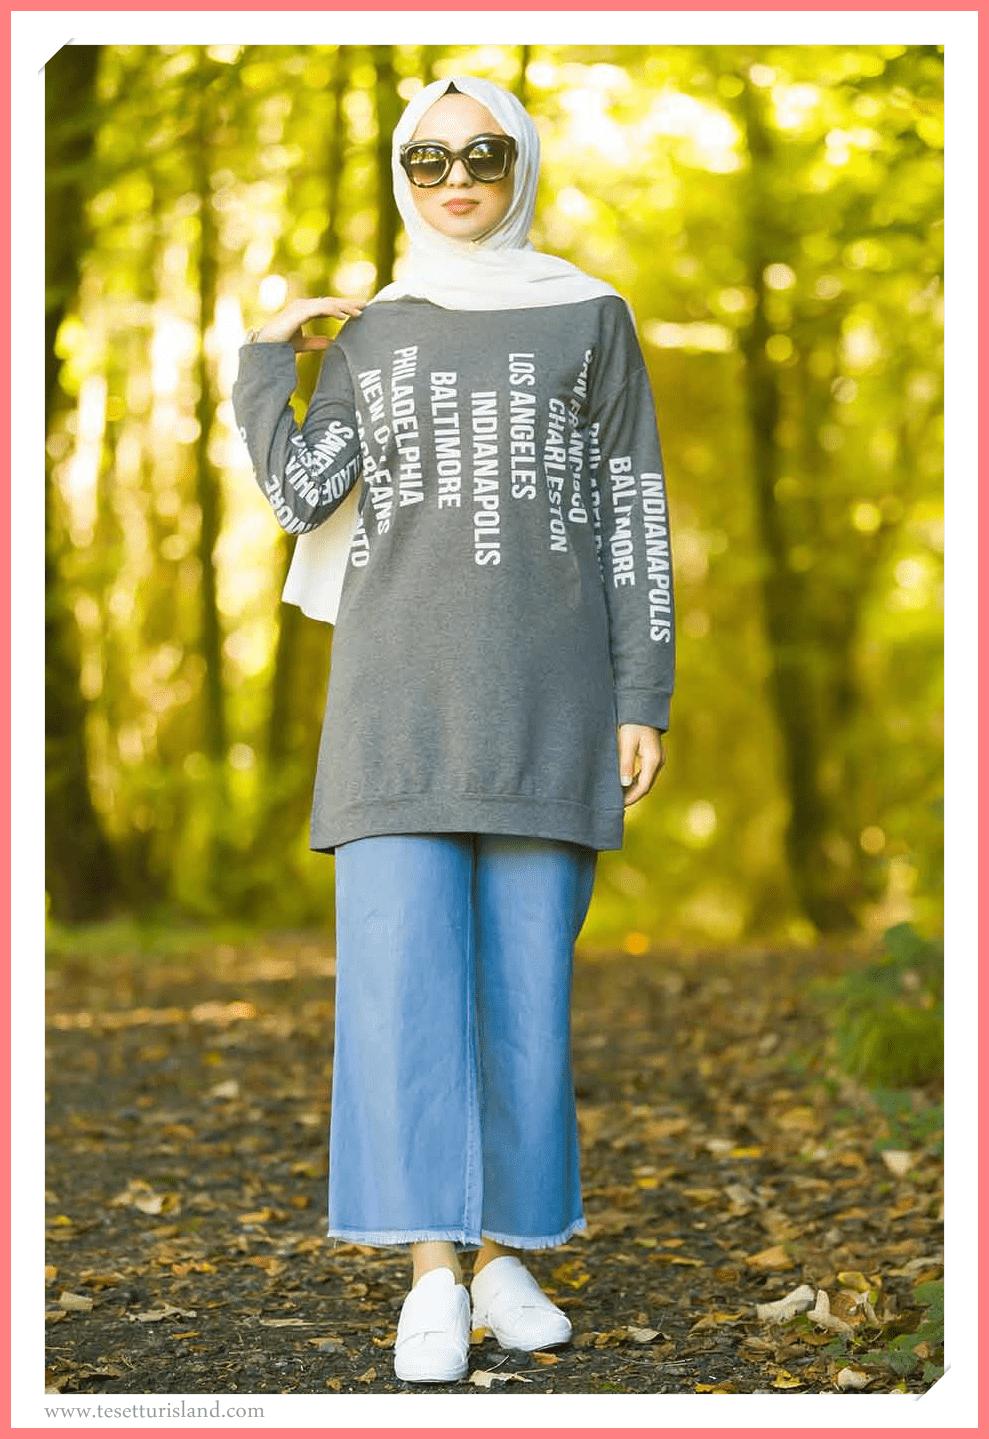 tunik,tunik modelleri,tesettür tunik modelleri,spor tunik modelleri,triko tunik,yazlık tunikler,uzun tunik,